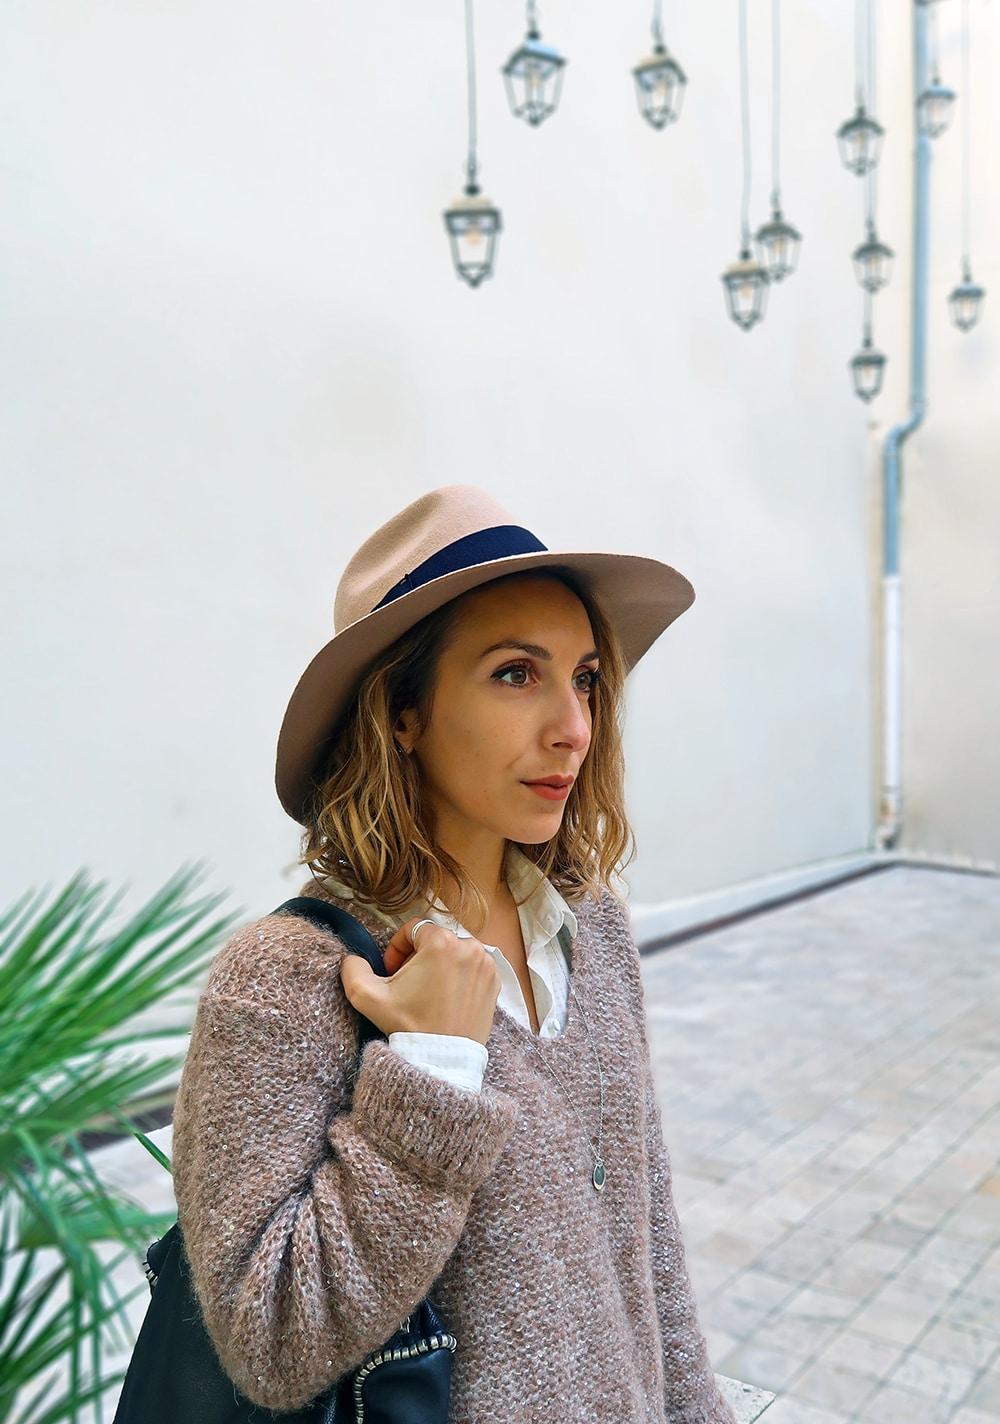 saint hilaire ibis la rochelle chapeau borsalino pull sur chemise